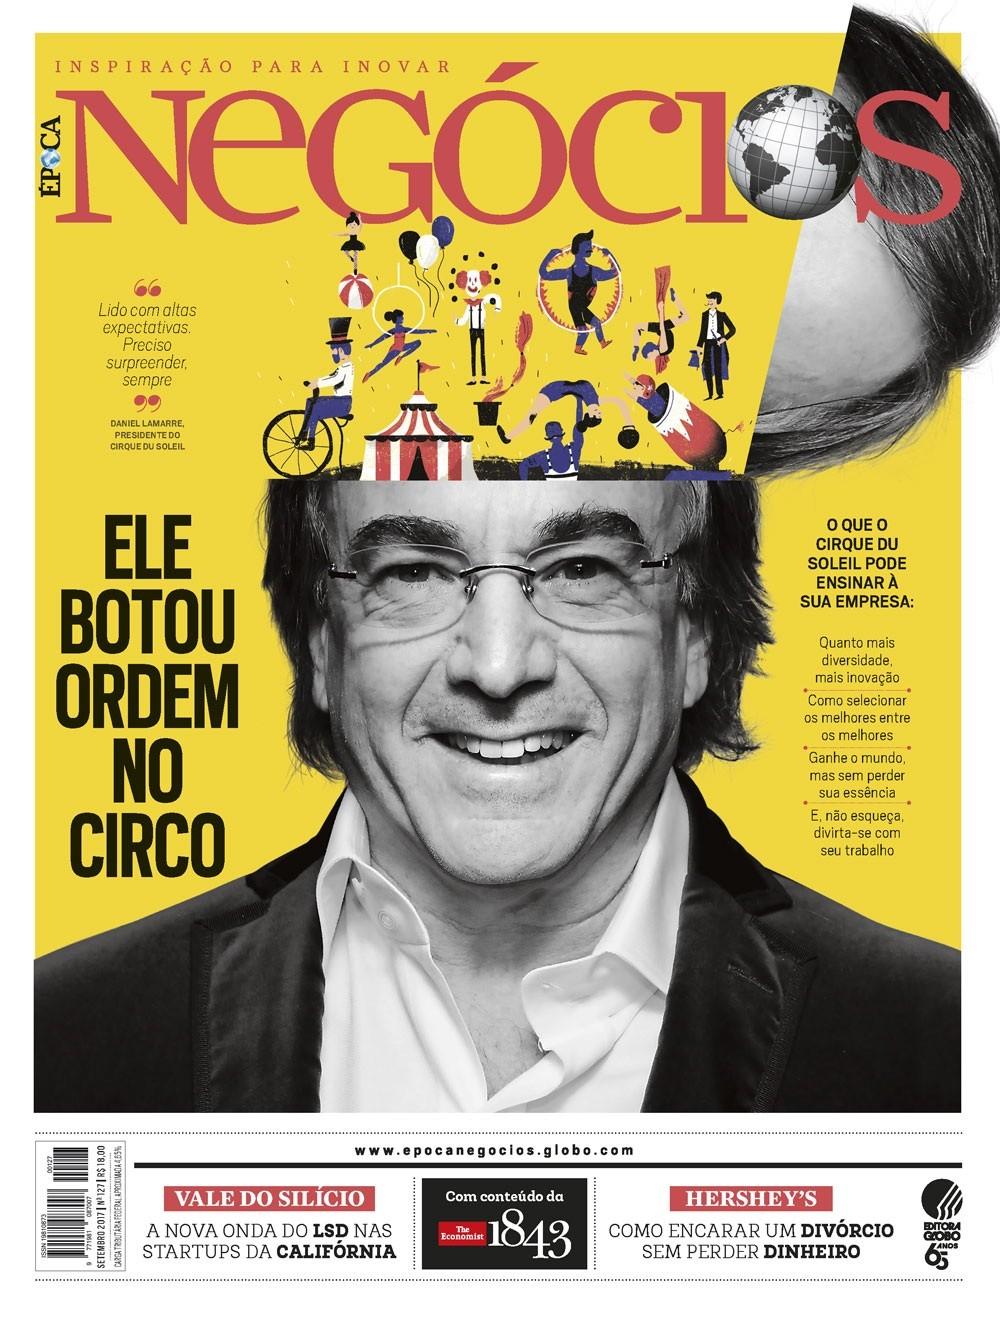 Edição de Época NEGÓCIOS de setembro de 2017 (Foto: Época NEGÓCIOS)